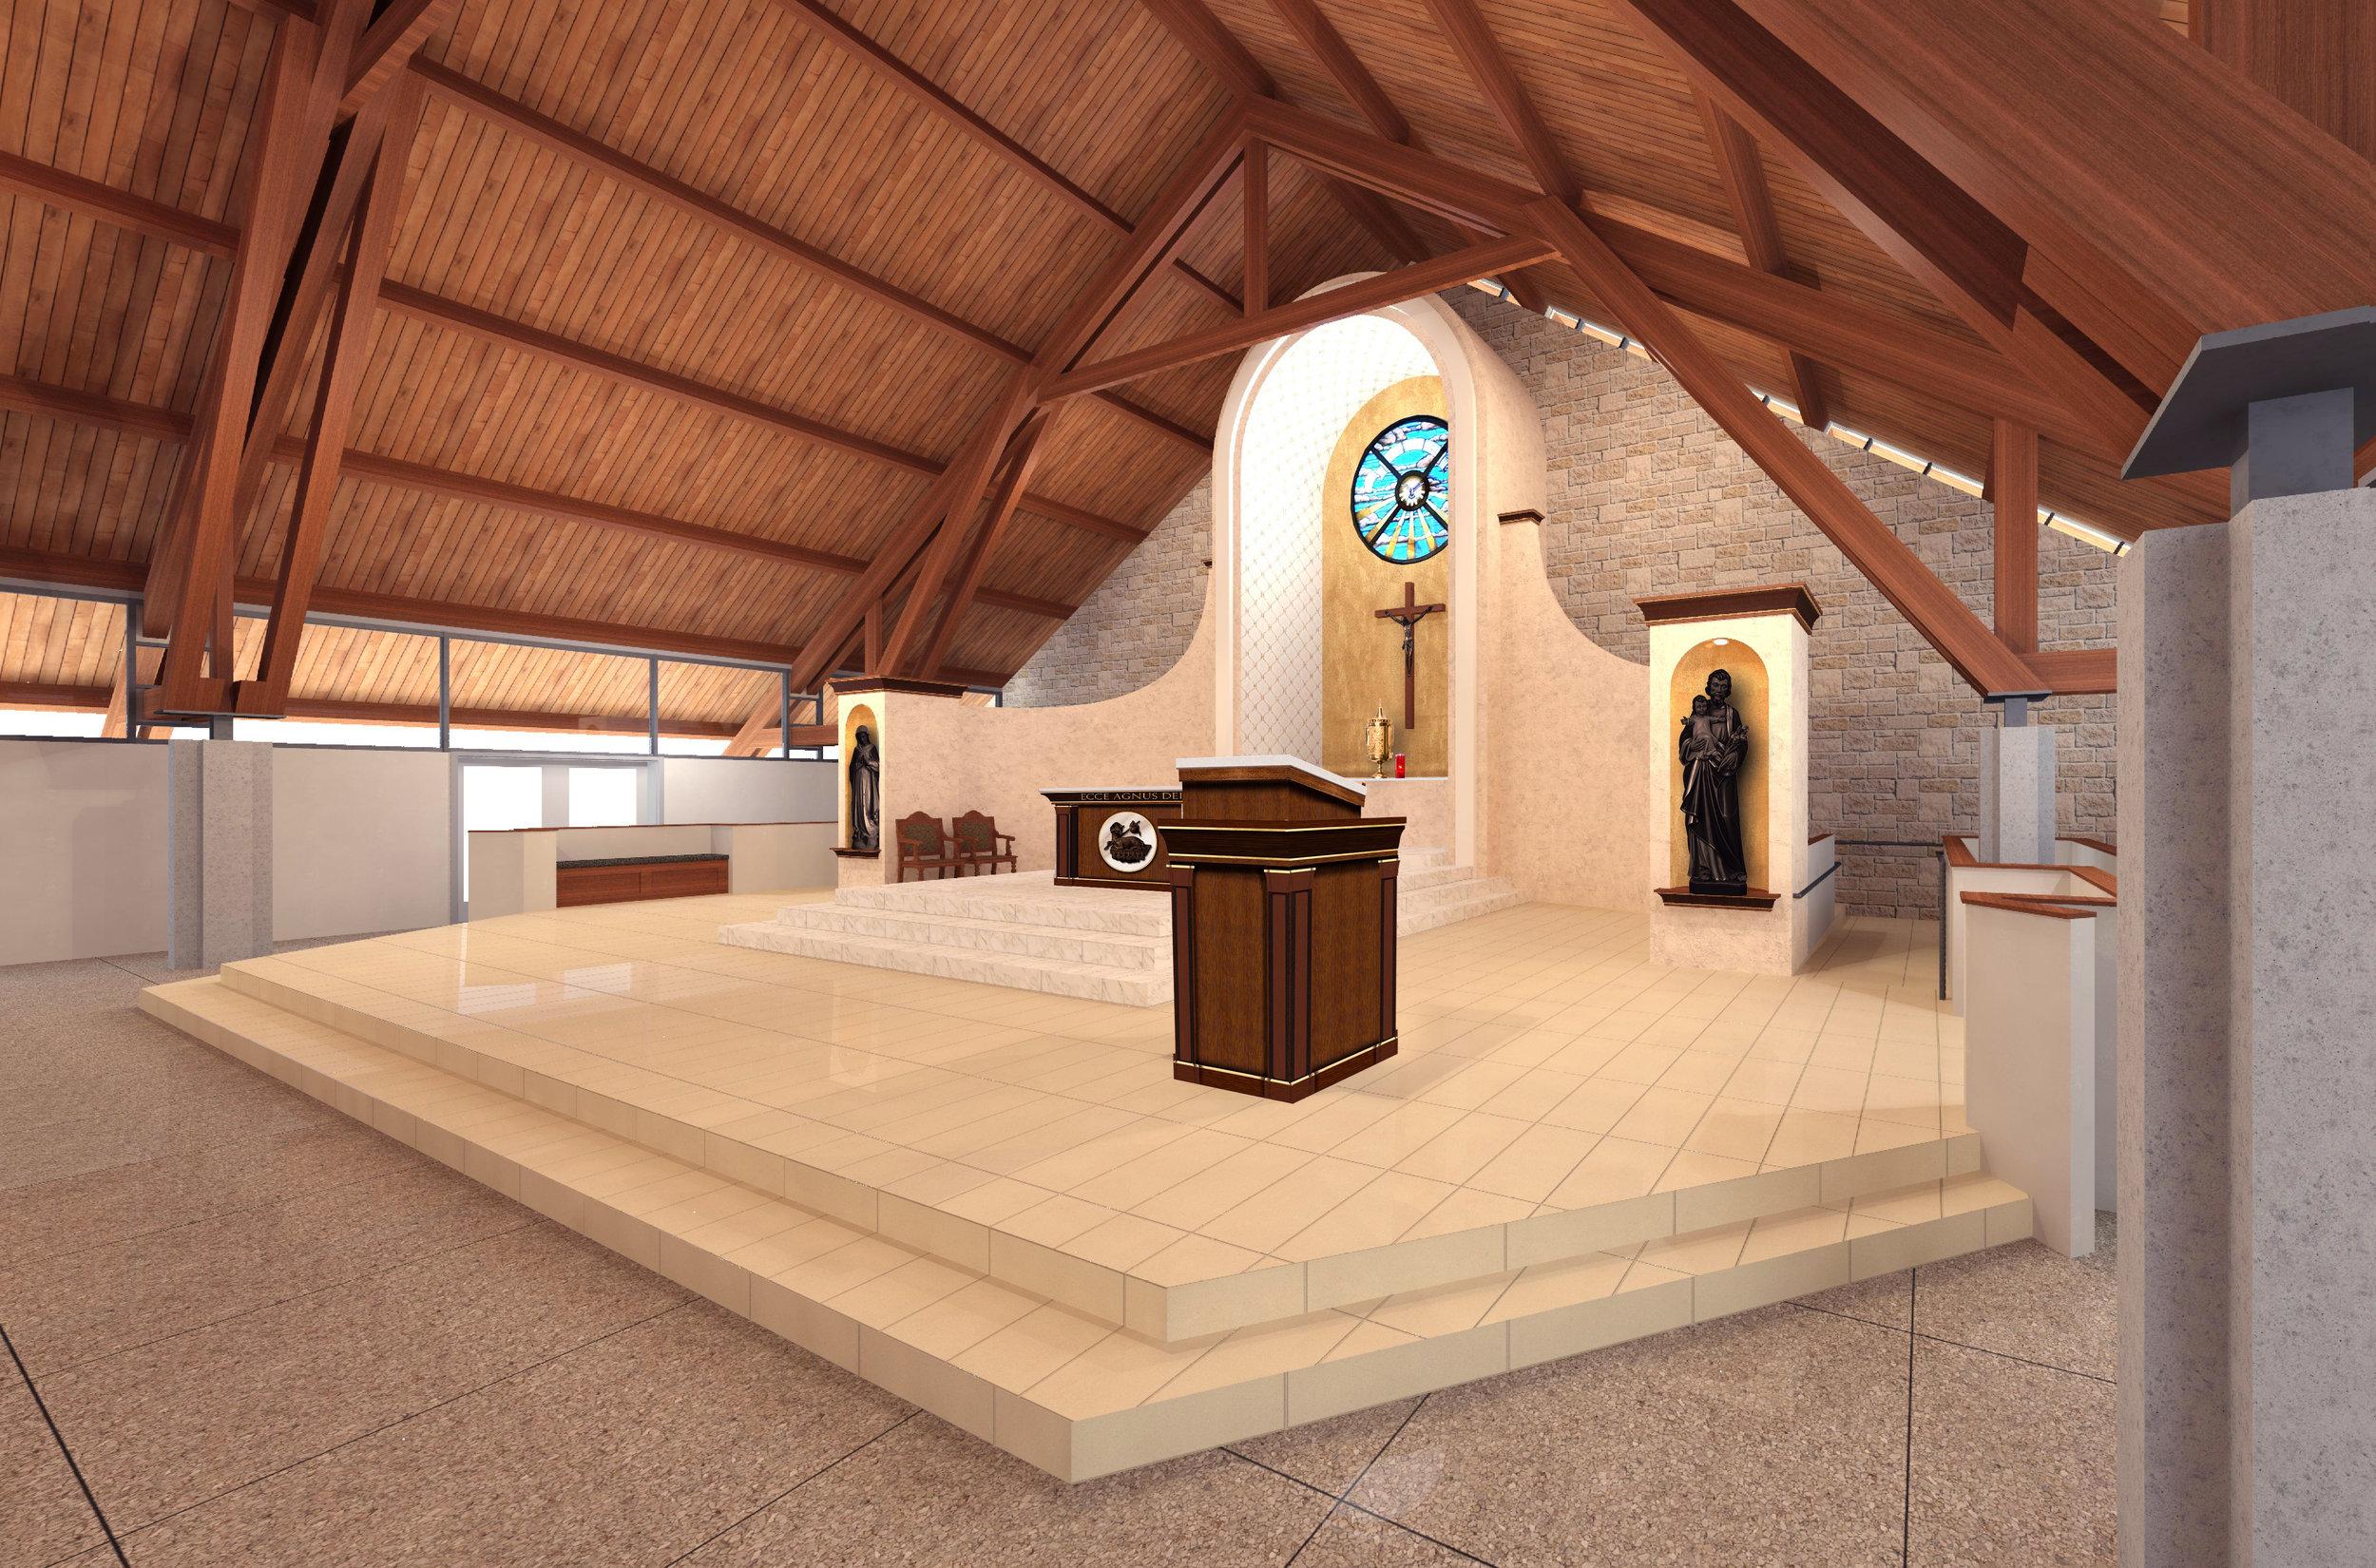 St. John the Baptist Catholic Parish